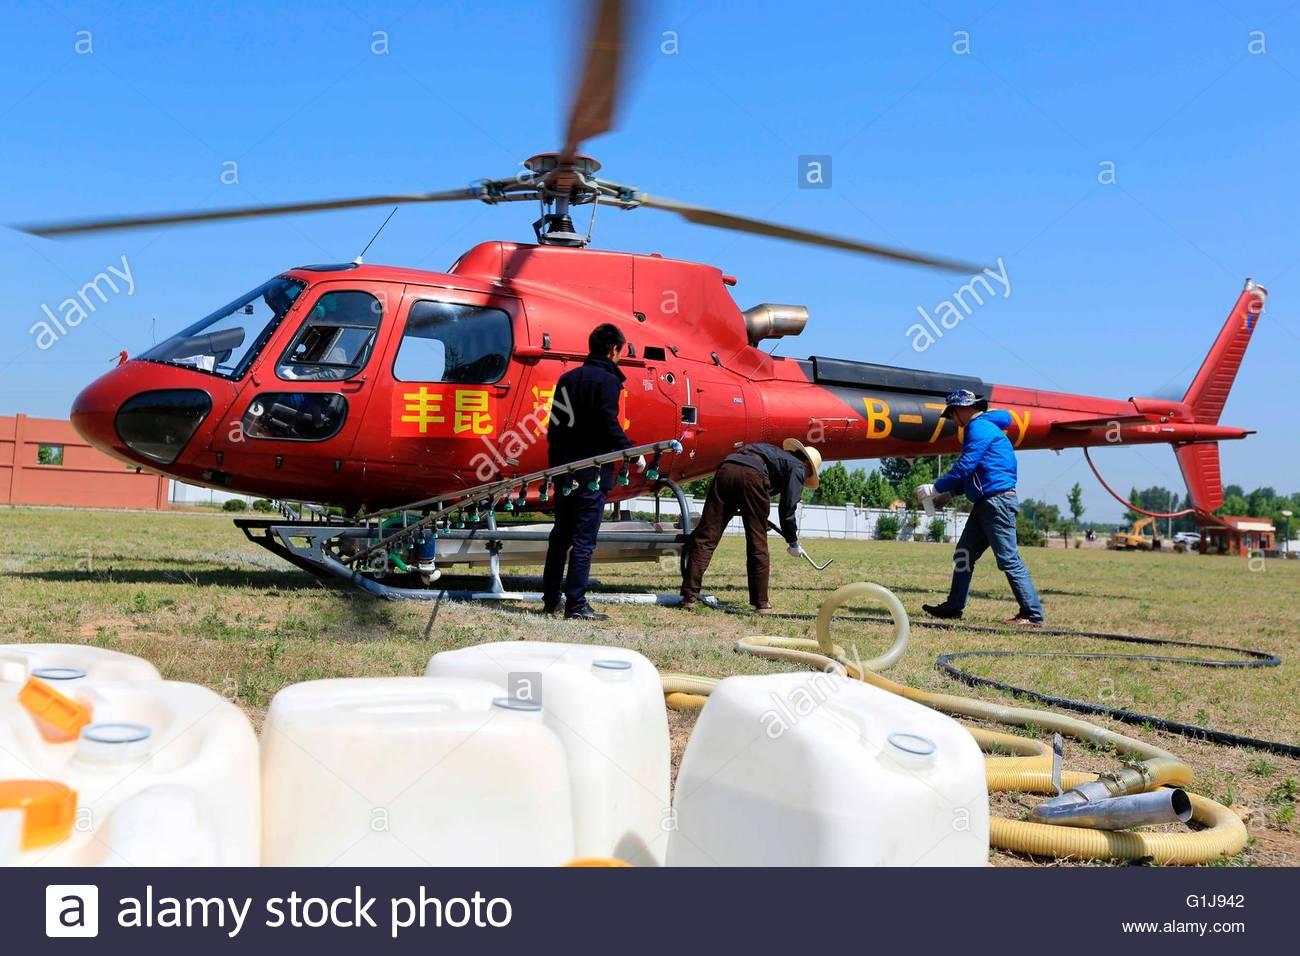 Elicottero B3 : A b elicottero decollare da un locale di polizia armati il